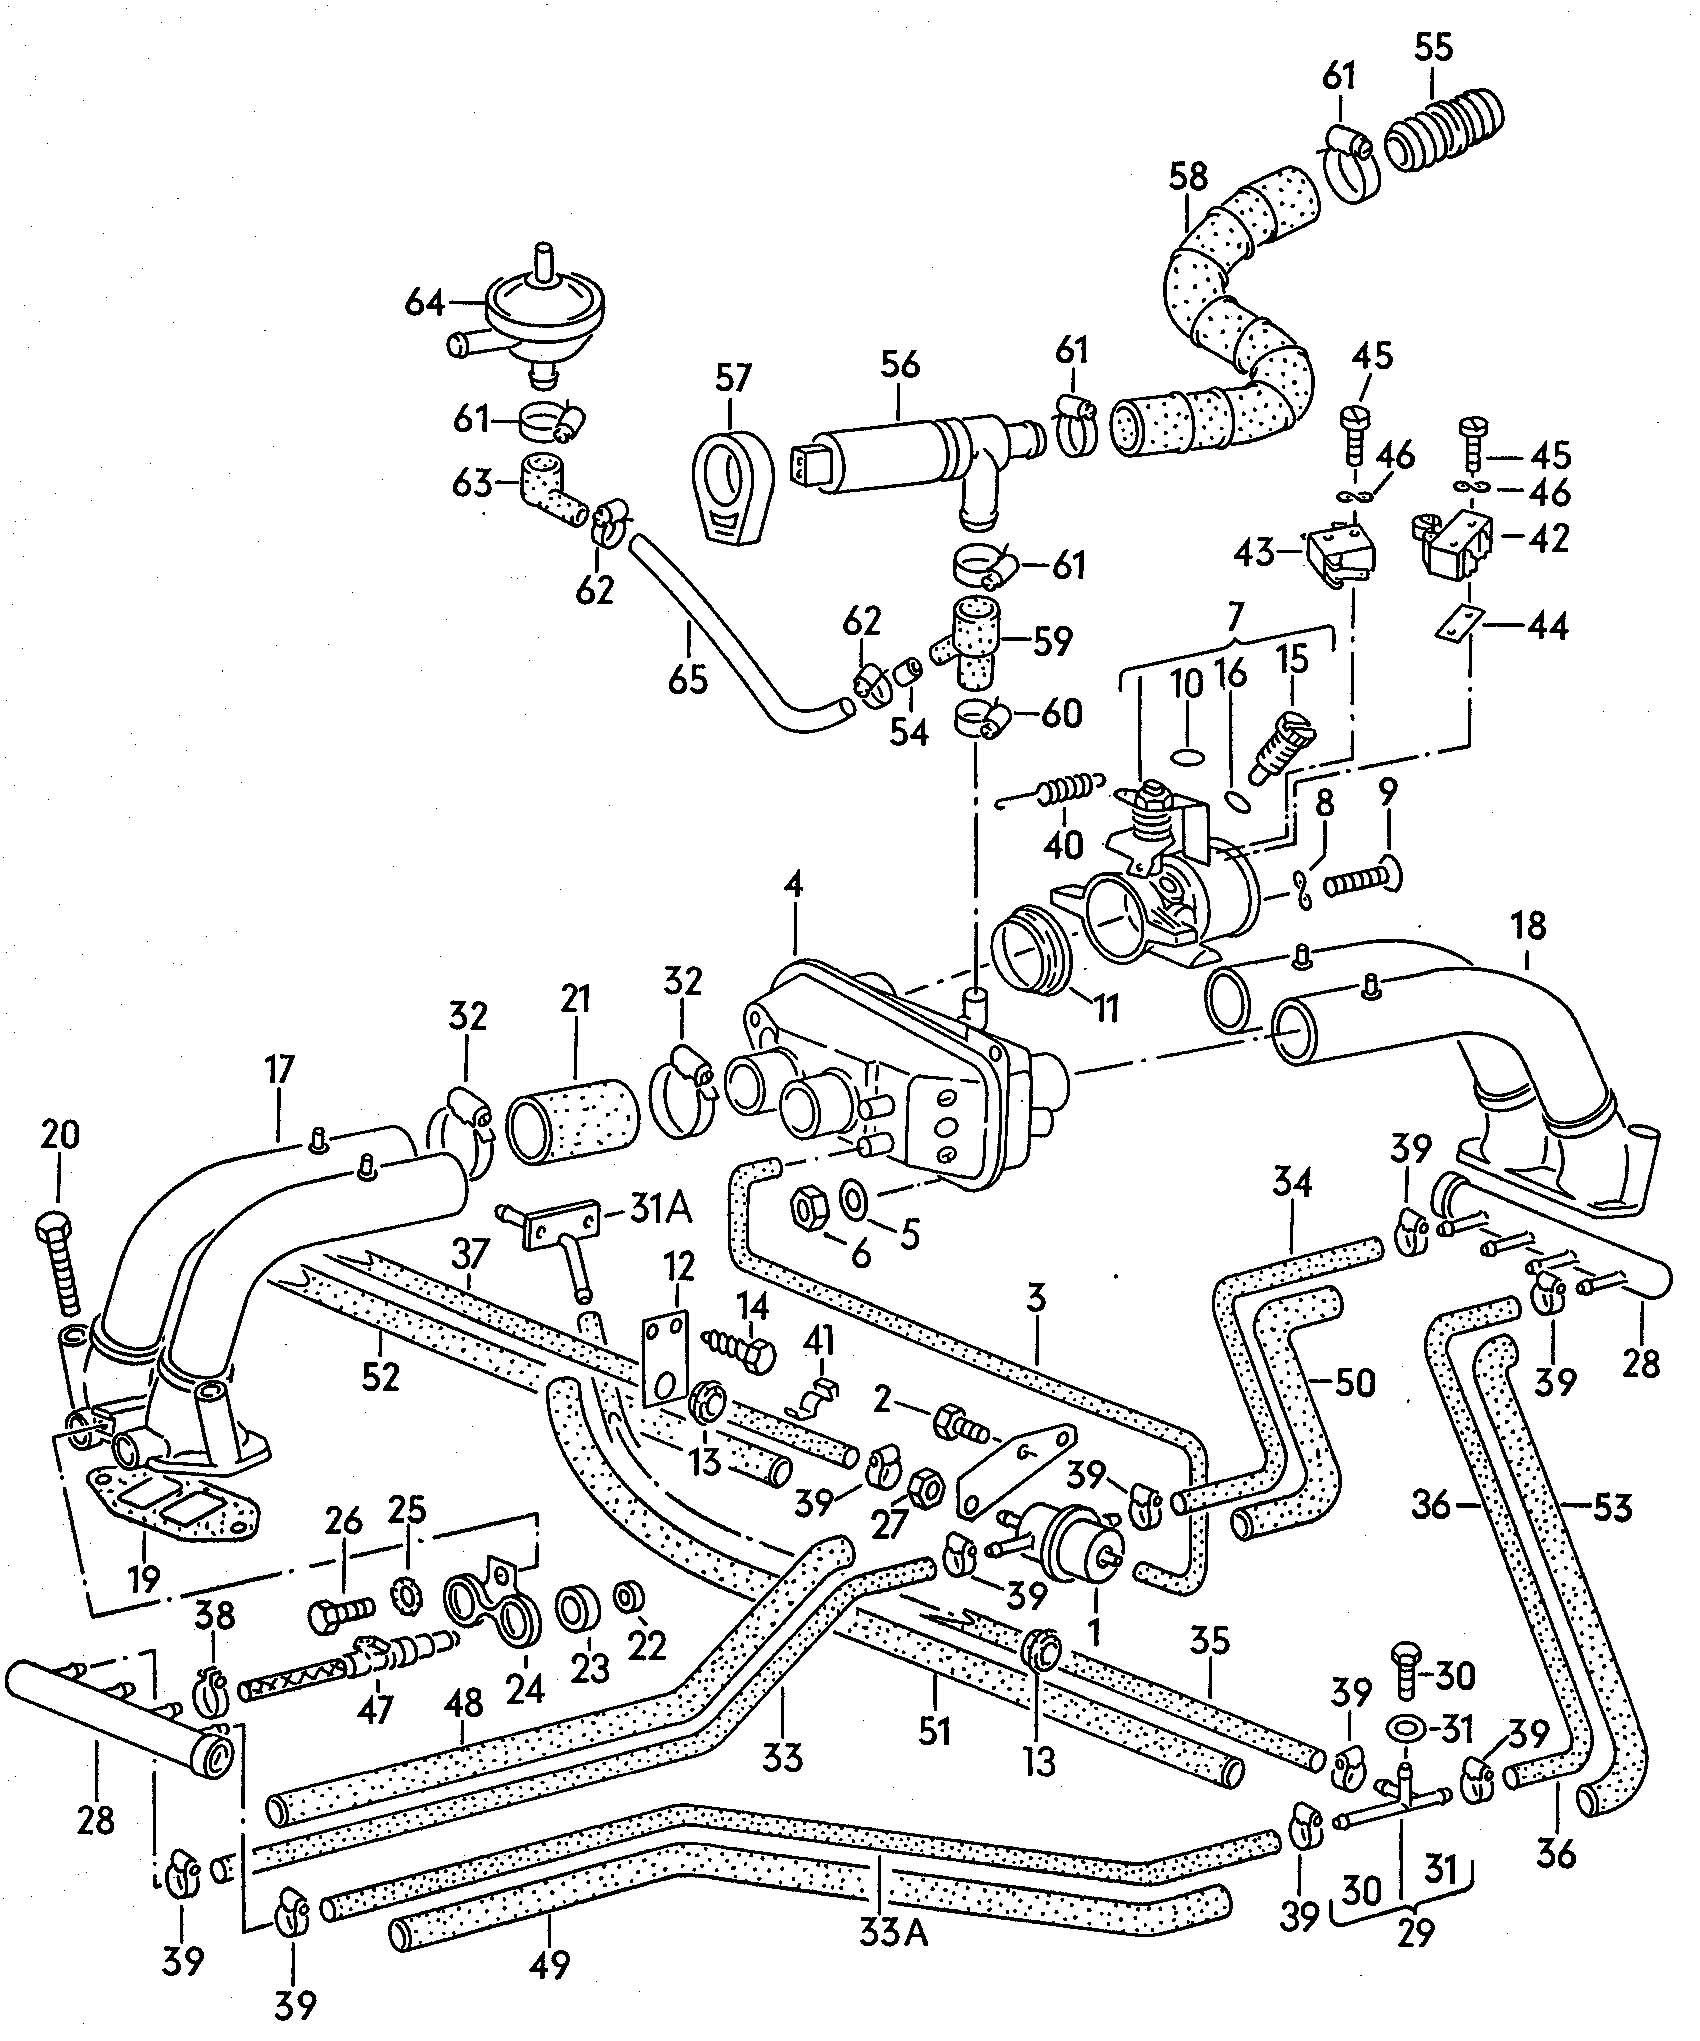 tags: #vw gti r32#vw r32 horsepower#nice vw r32#vw r32 interior#red vw r32#vw  r32 awd#vw r32 blue#volkswagen golf r32#red vw r32 mk4#vw golf mk4 · «